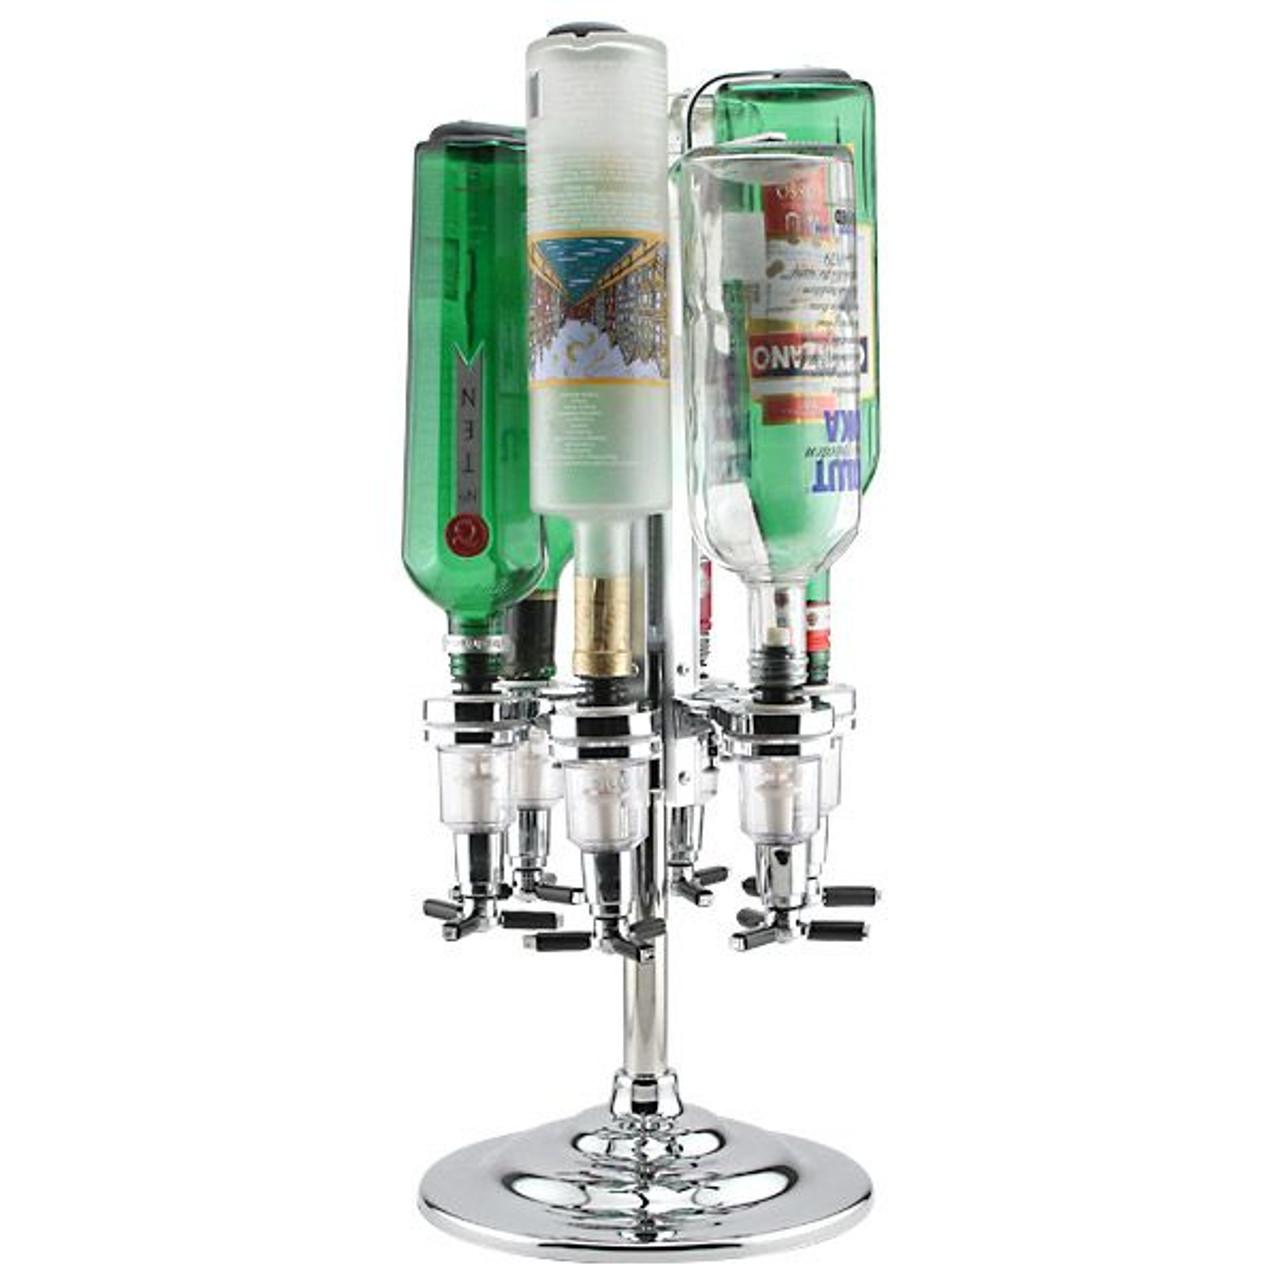 Glasspender Mit 6 Shot Glas Wein Dispenser Cocktail Dispenser Party Bar Tools